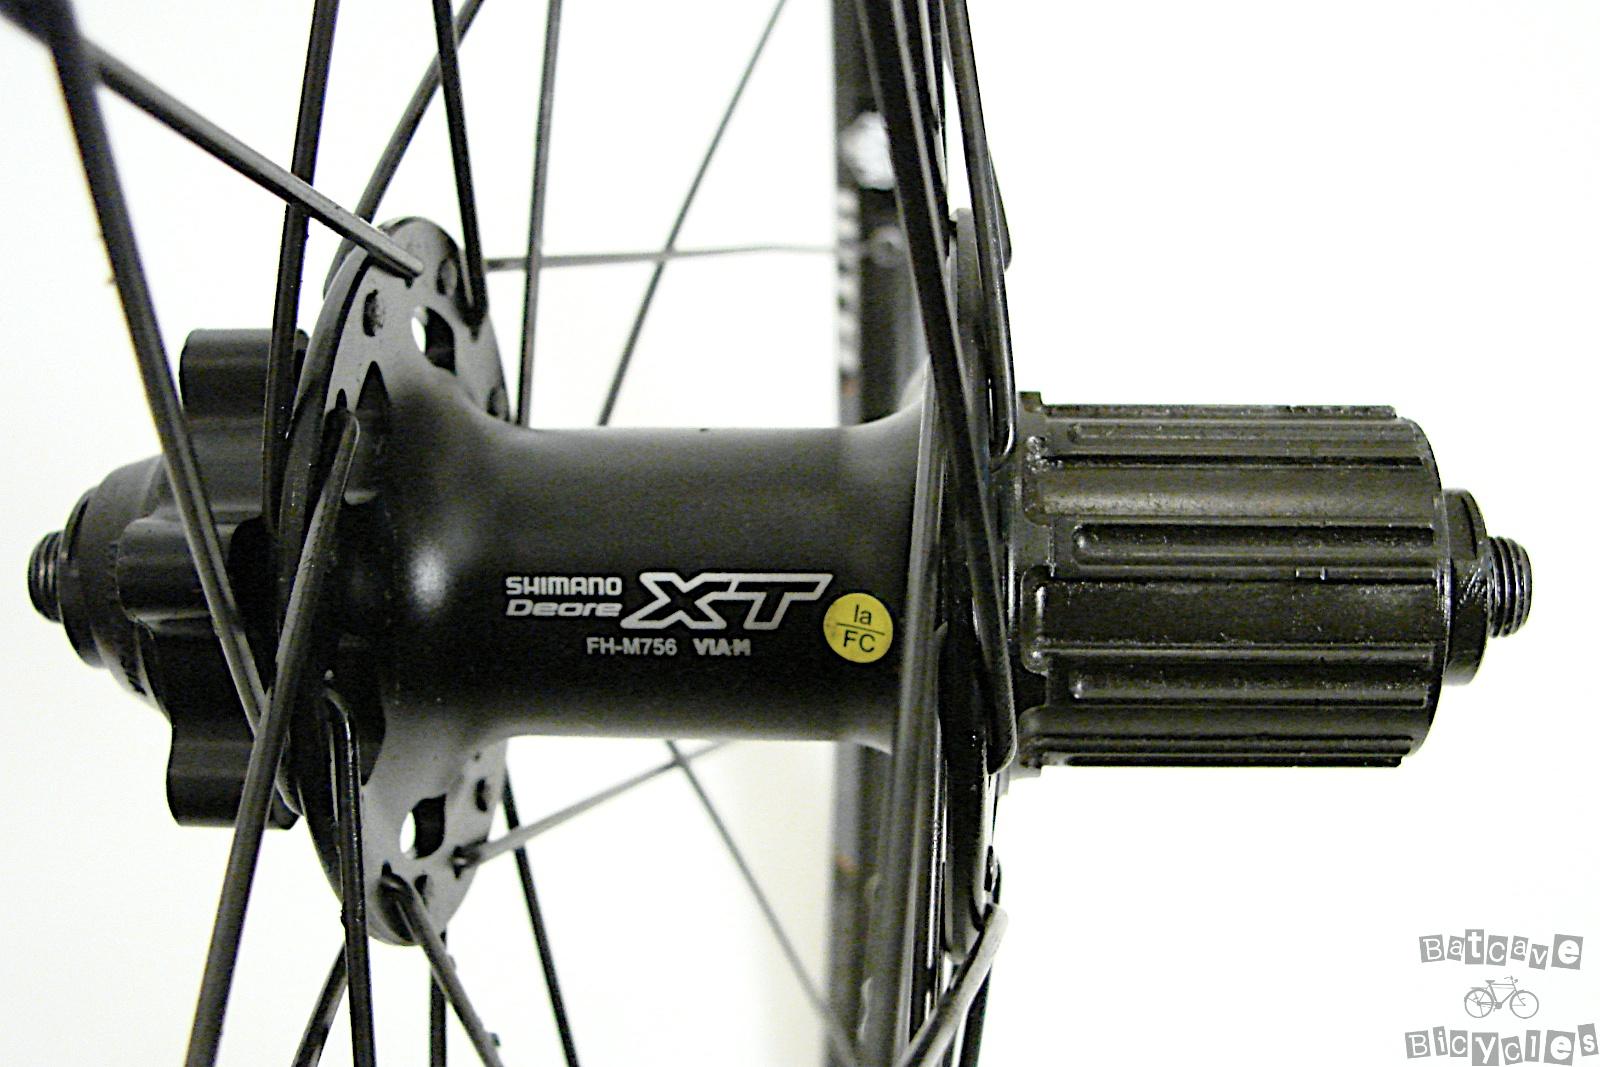 M756 Shimano Deore XT 26 inch 6 Bolt Mountain Bike Wheels | eBay